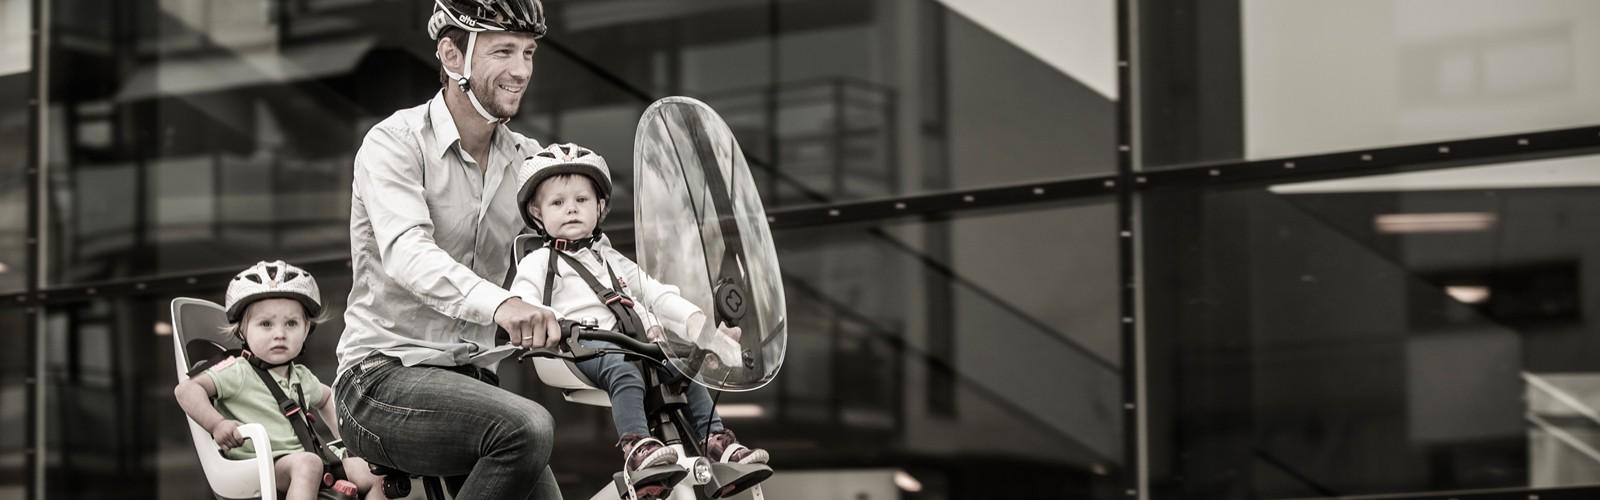 Hamax Observer vorn montierter fahrradsitze